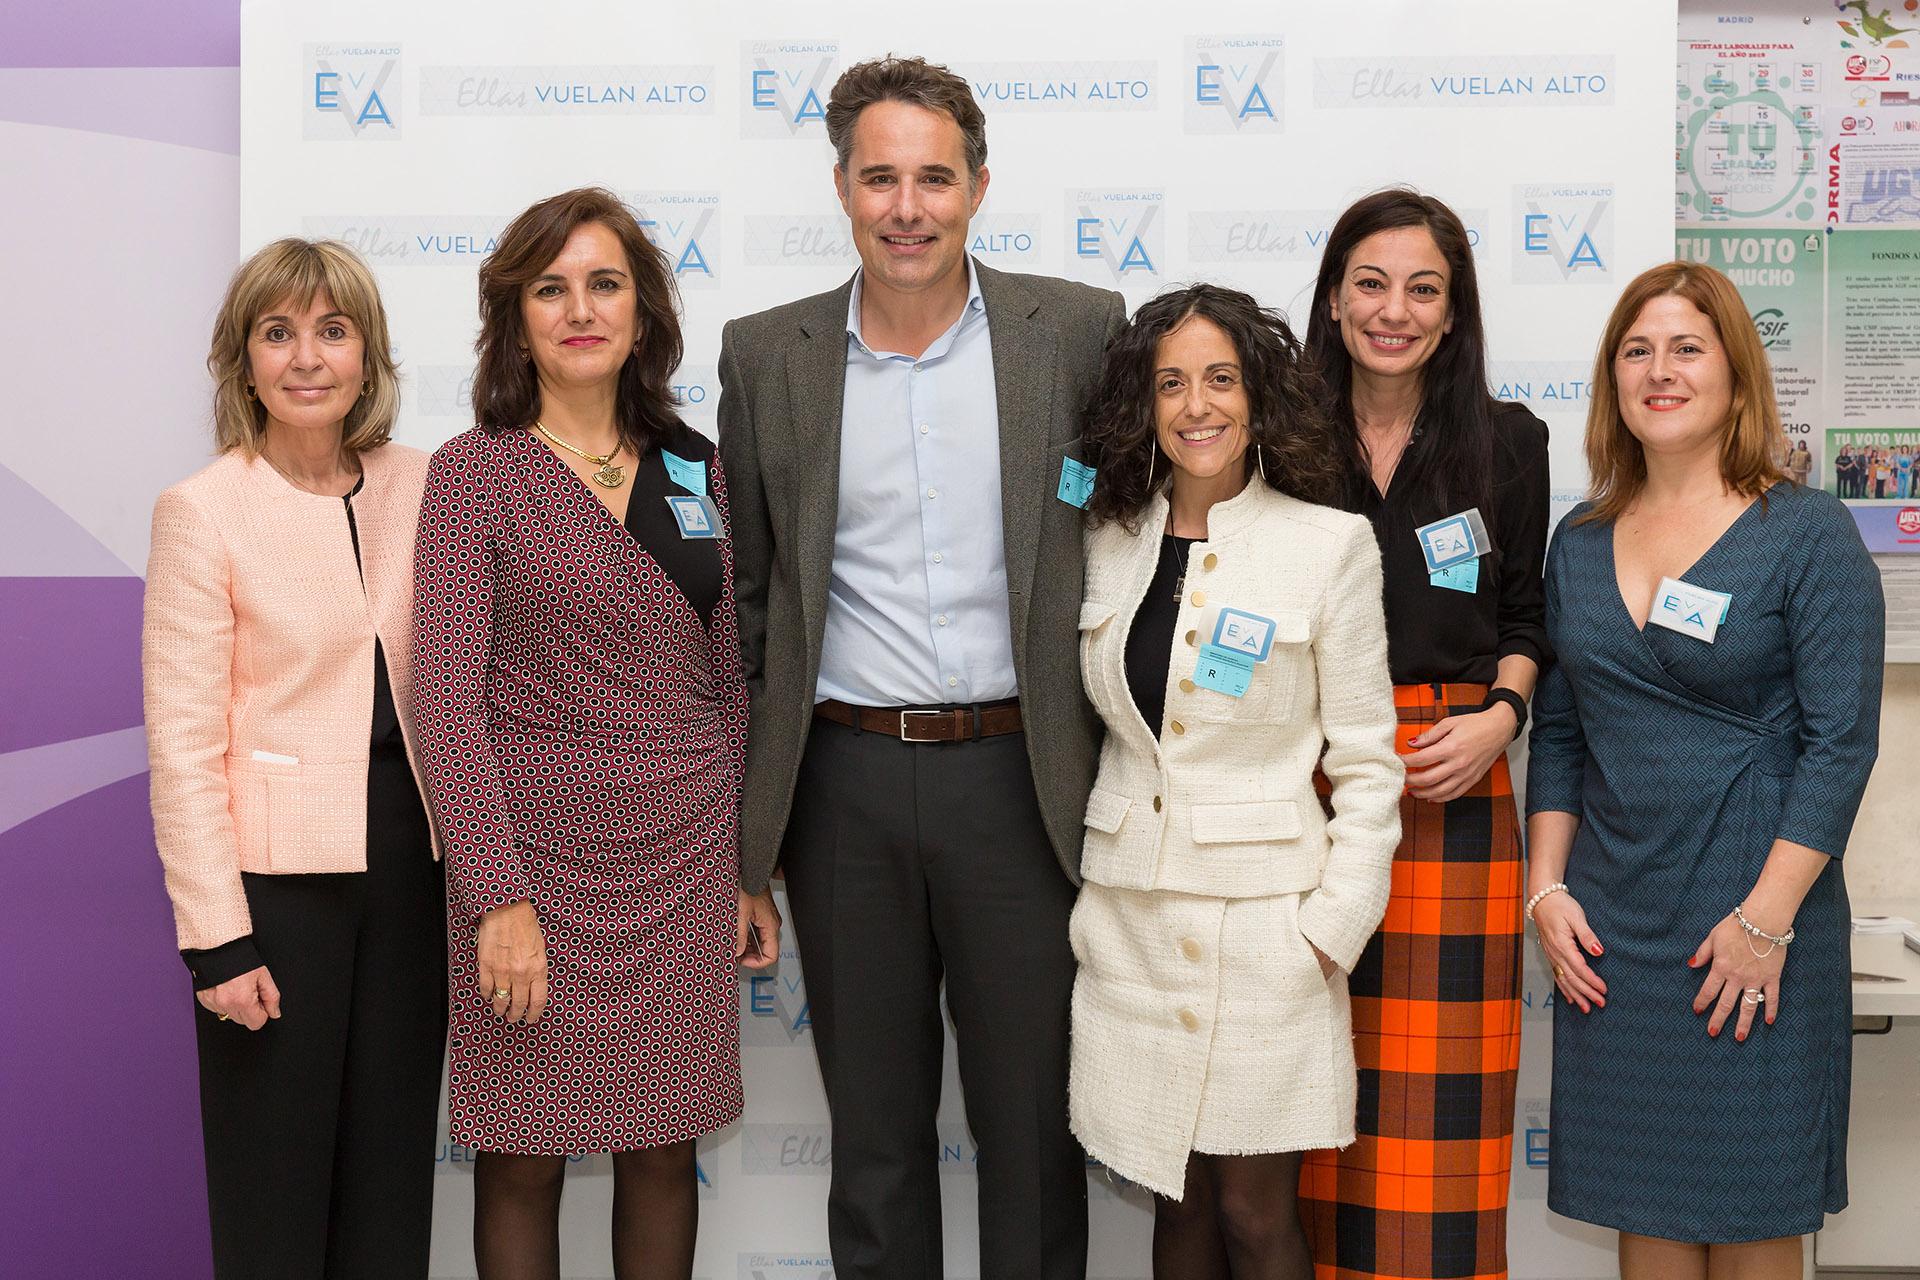 Jordi Tortras Cuspinera, director general de Eliance, posa con parte del equipo de Ellas Vuelan Alto.